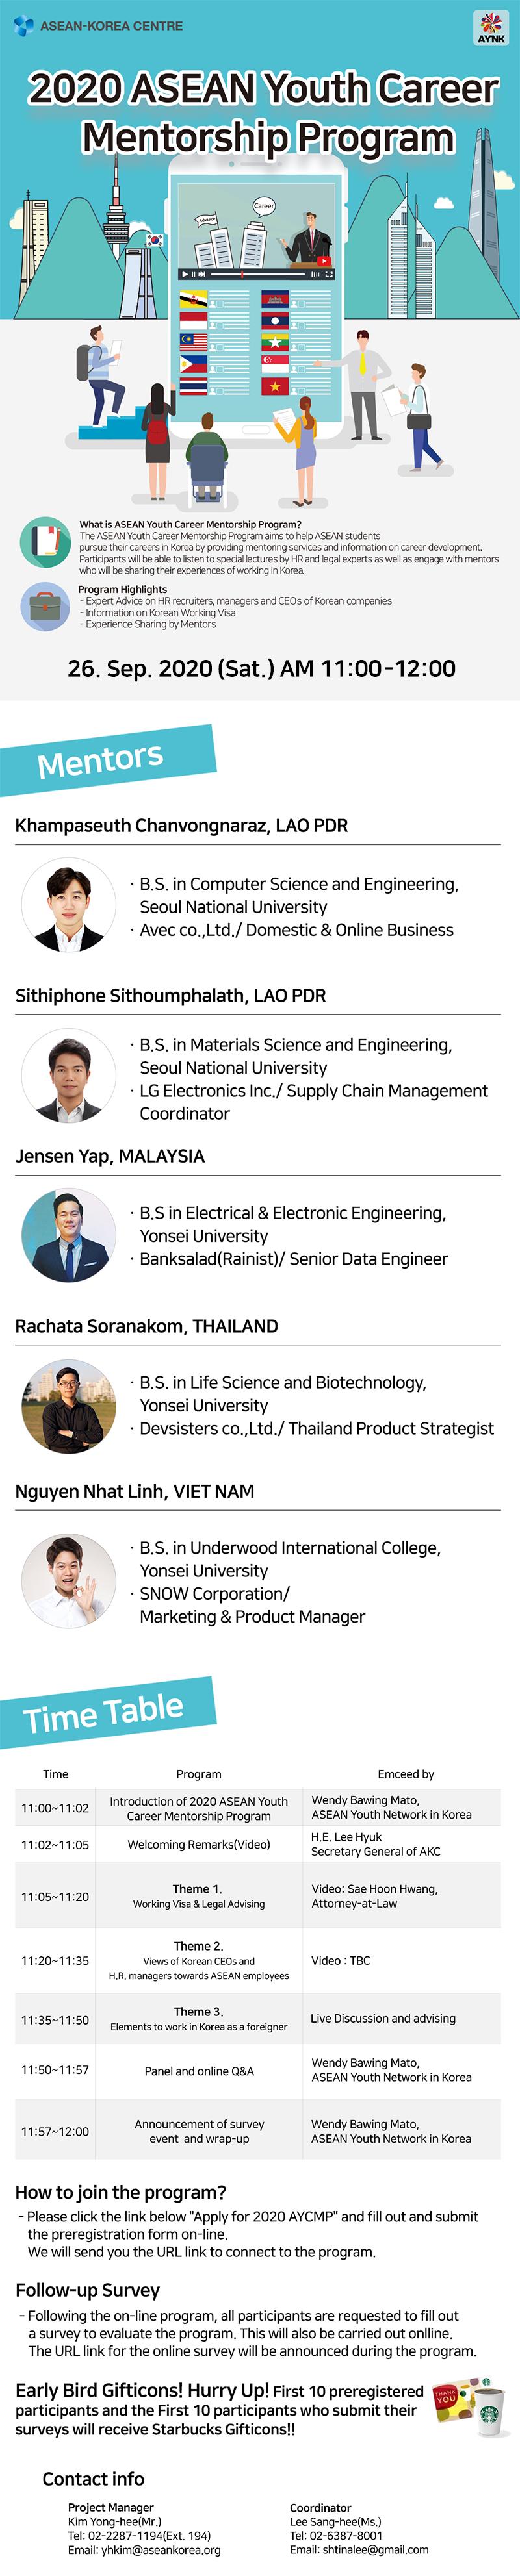 한-아세안센터, 2020 ASEAN Youth Career Mentorship Program 개최